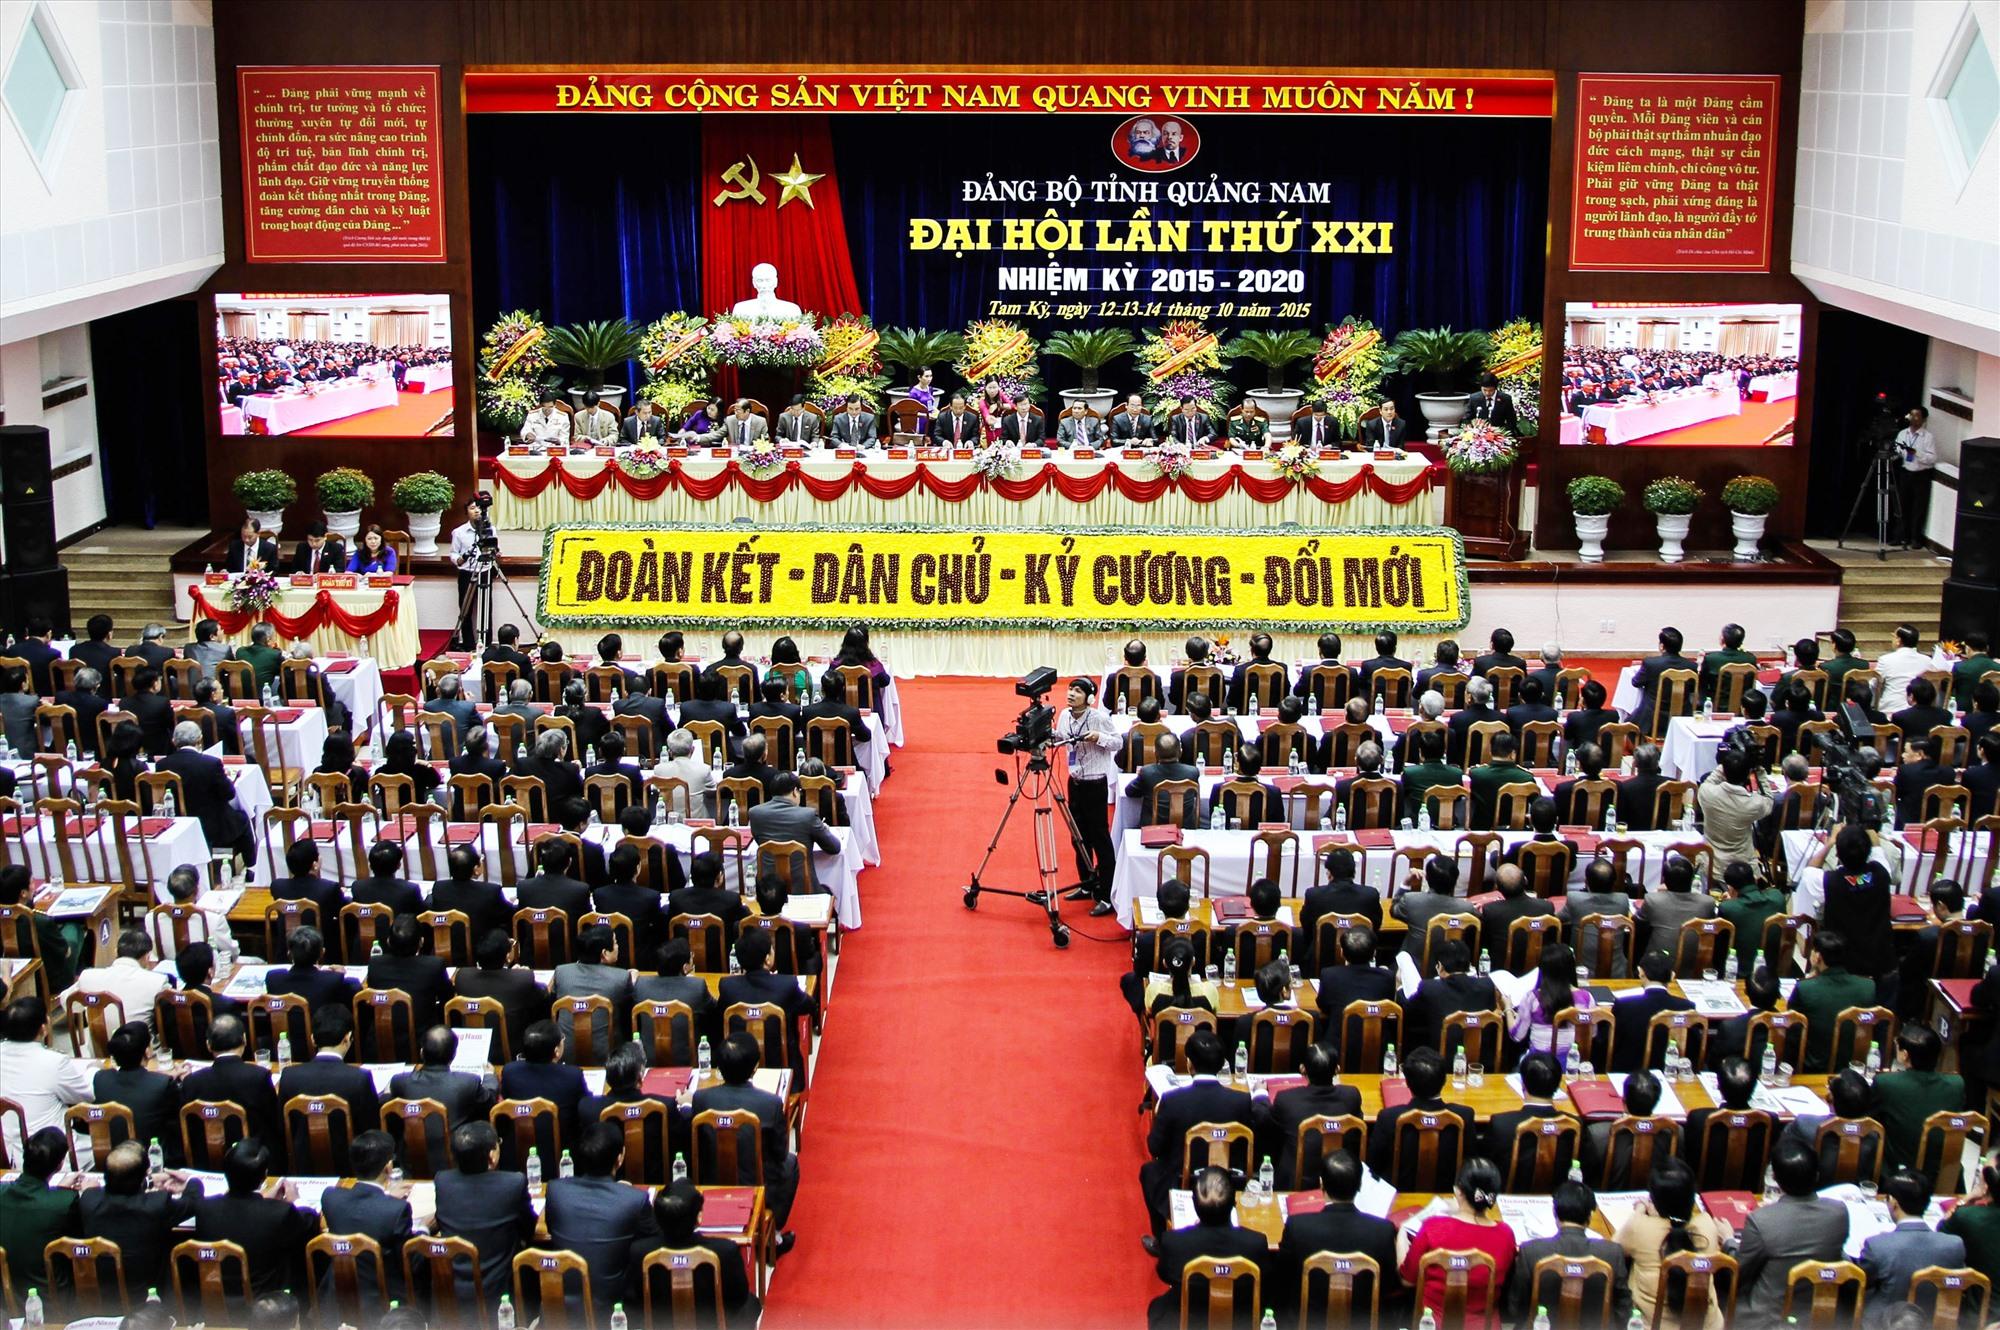 Từ một tổ chức đảng với hơn 80 đảng viên, đến nay Đảng bộ Quảng Nam có 68.882 đảng viên đang sinh hoạt tại 3.202 chi bộ trực thuộc 1.152 tổ chức cơ sở đảng.